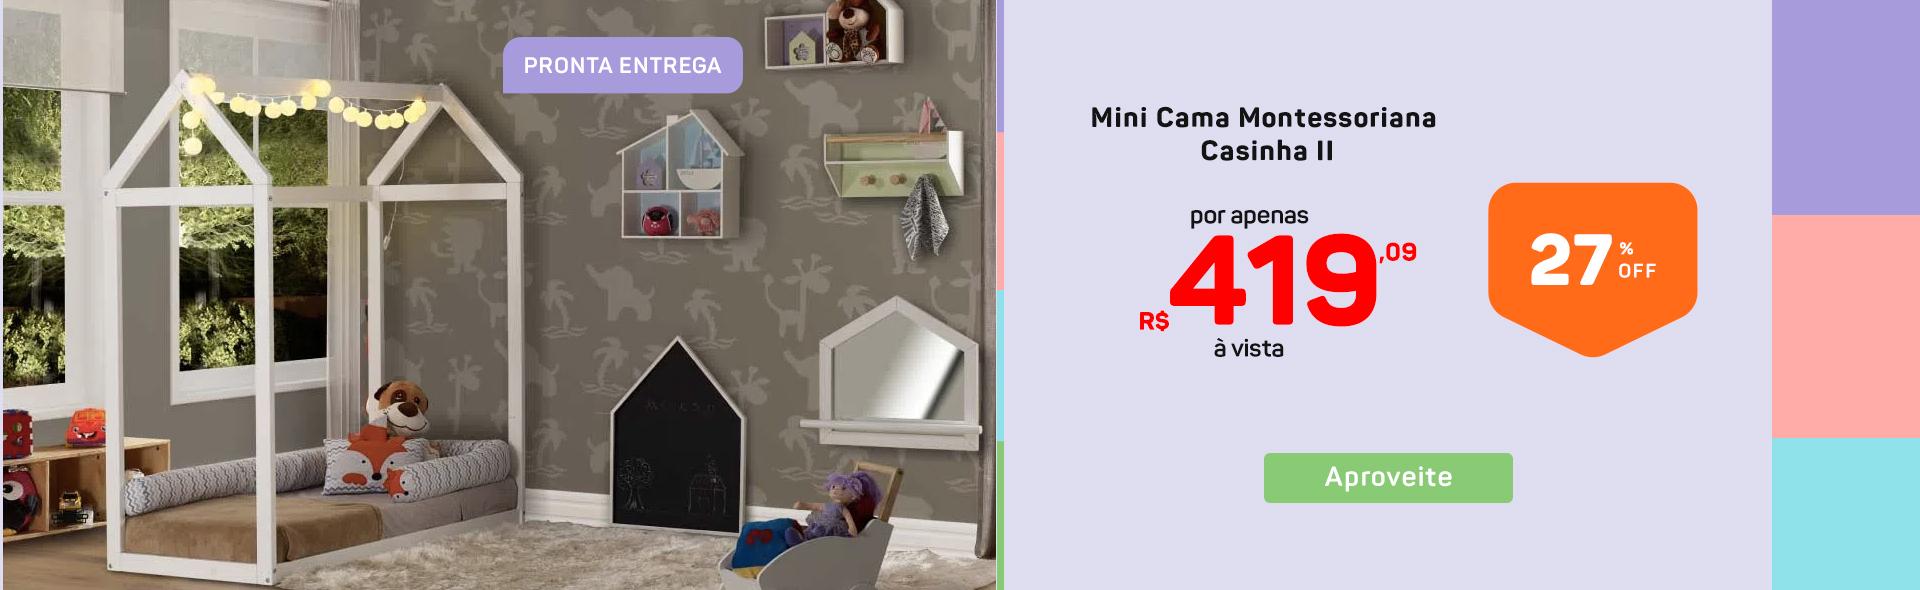 06-Mini cama casinha II